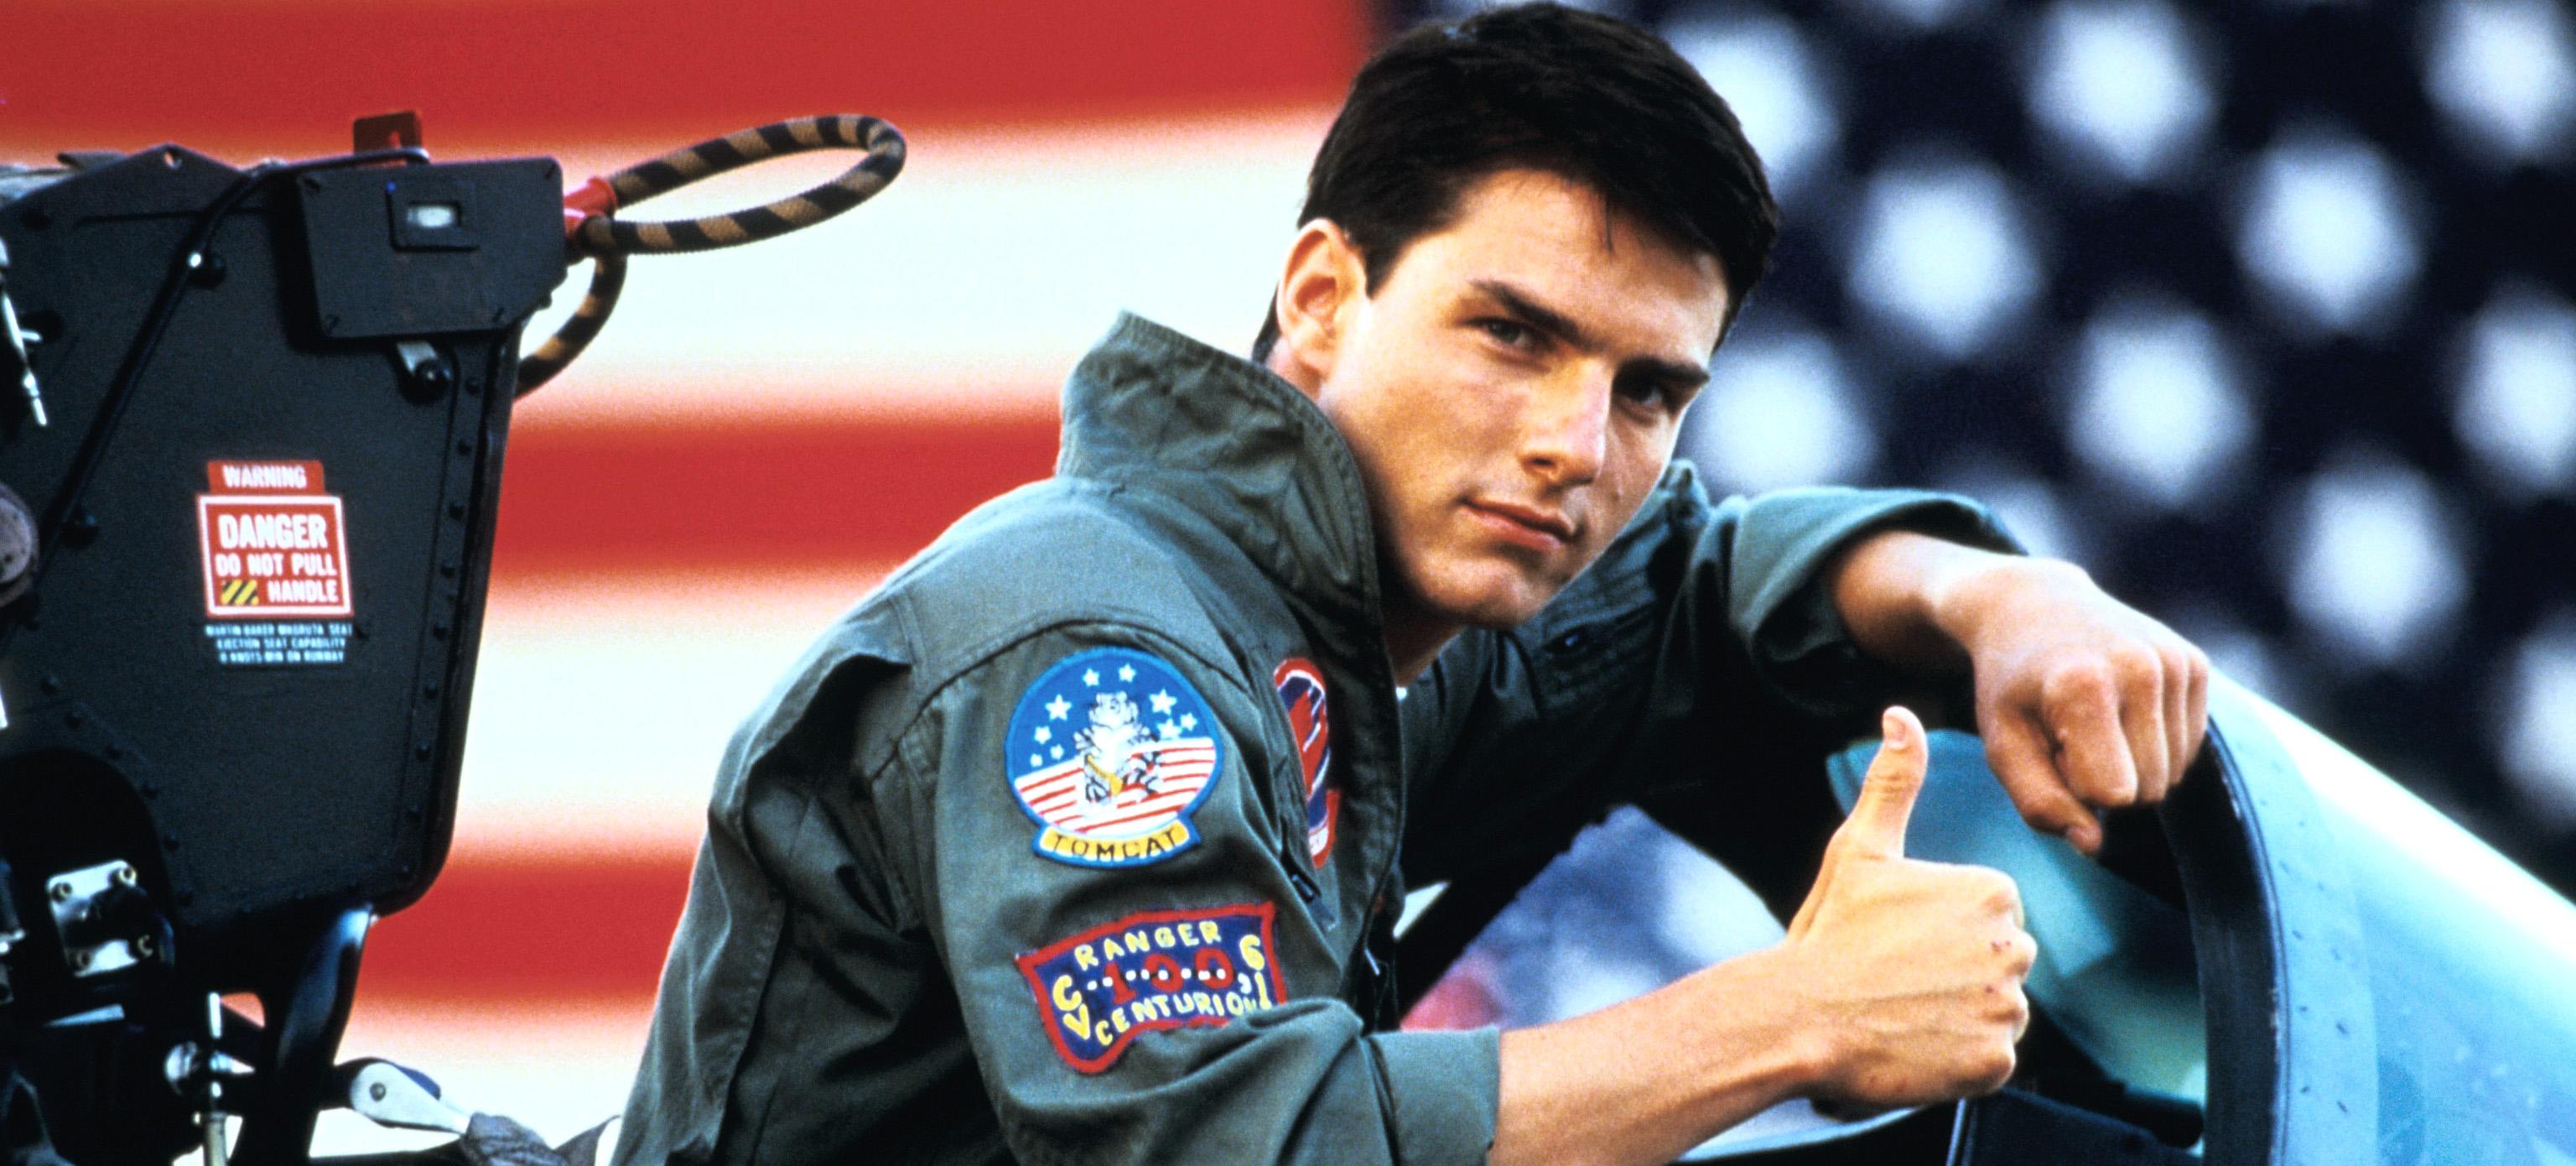 Miło poczytać jak to Tom Cruise ekscytuje się rozpoczęciem zdjęć do Top Gun 2